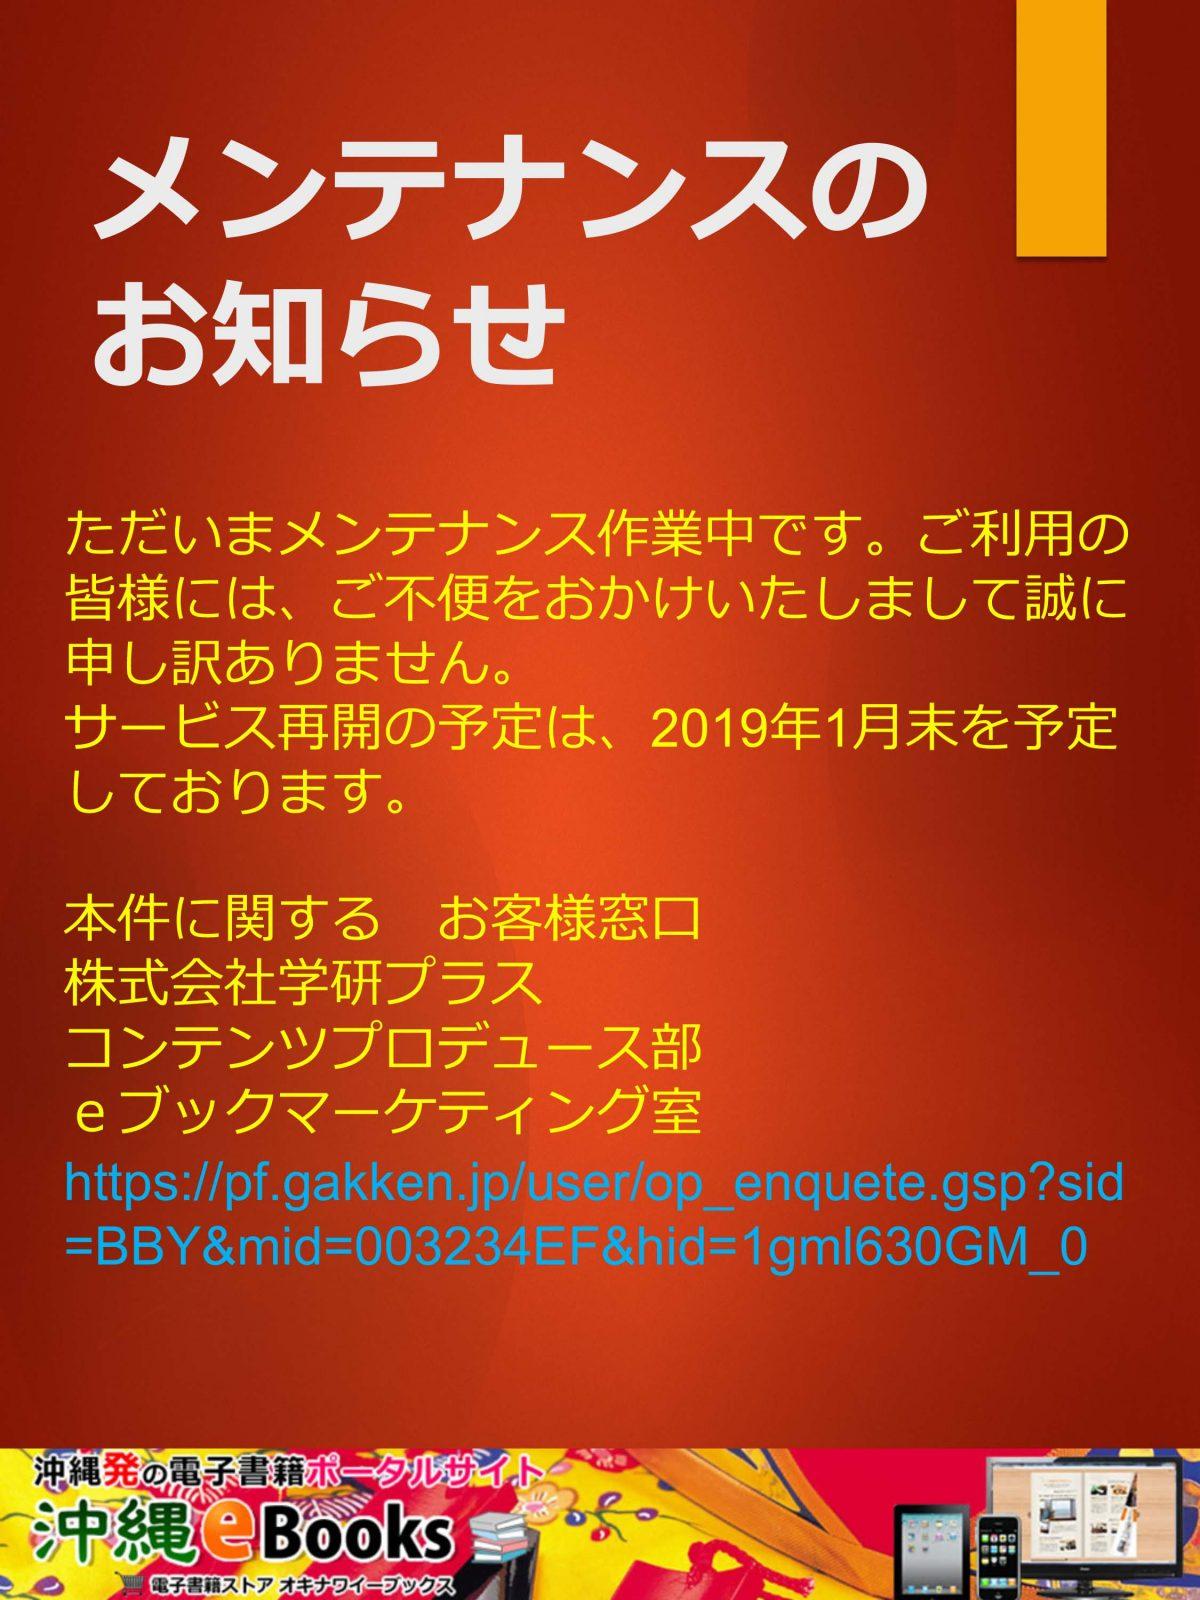 沖縄eBooksメンテナンス中です。ご迷惑おかけして申し訳ありません!